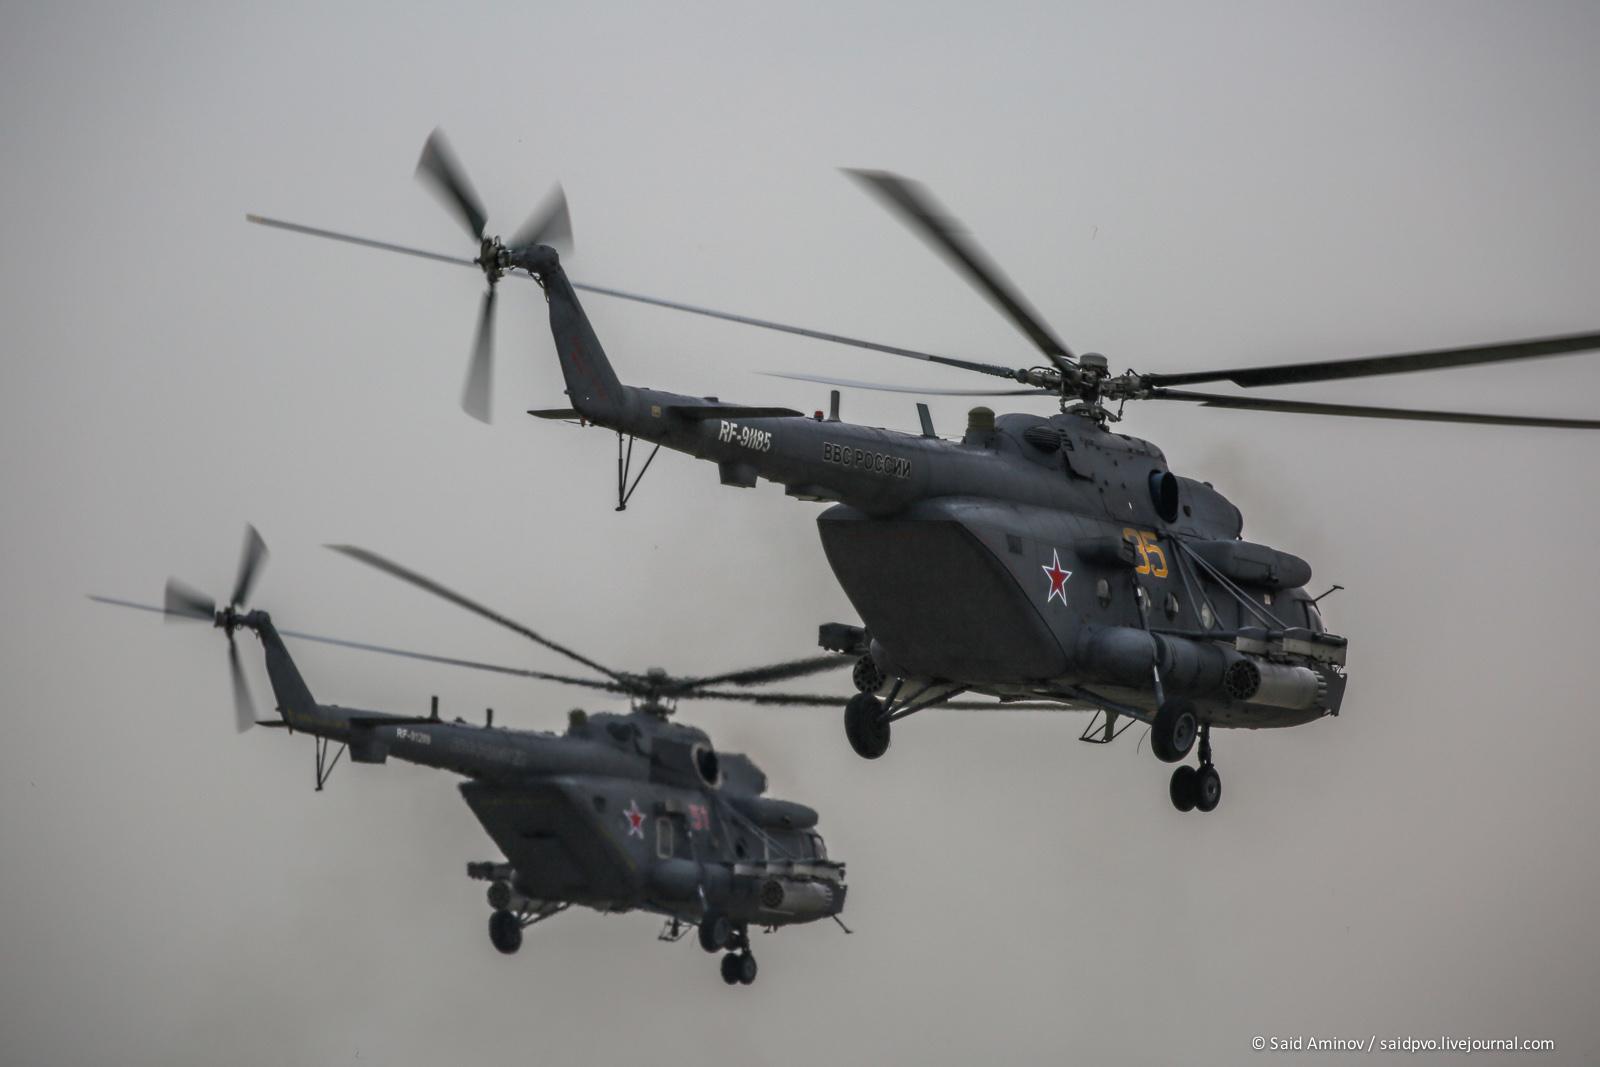 俄罗斯空军米-8/17直升机亮相库宾卡机场